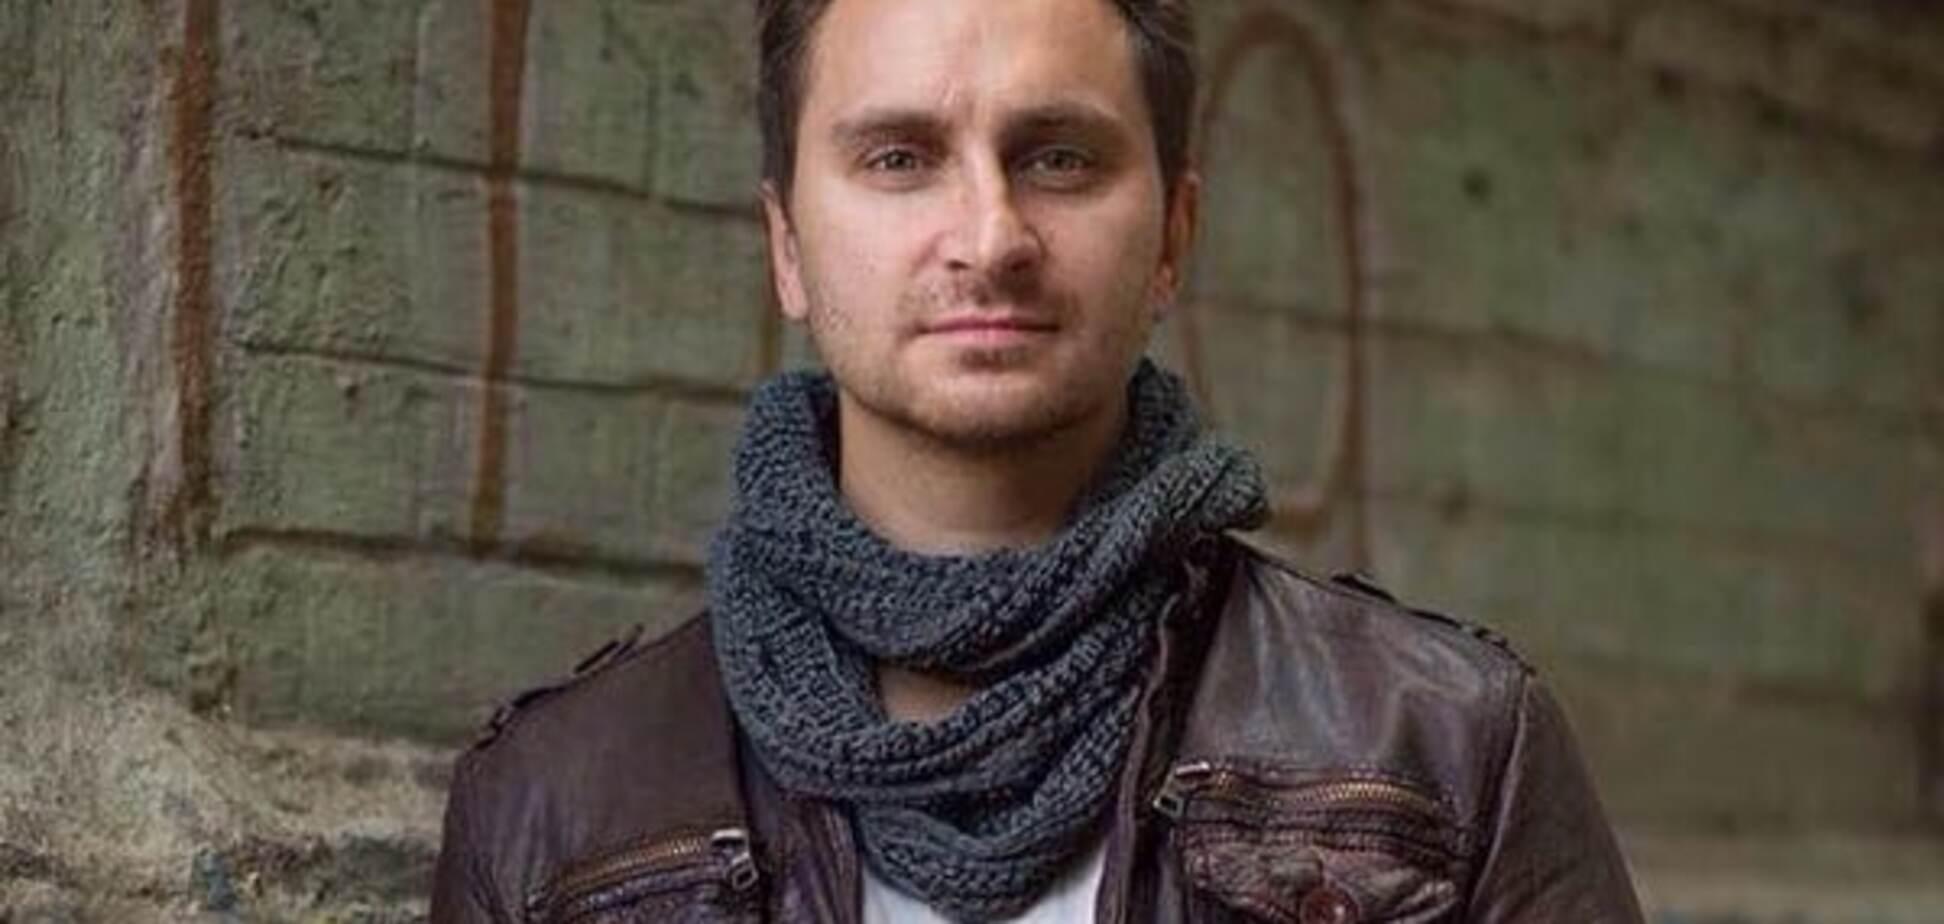 Опитувальник Пруста: лідер гурту 'С.К.А.Й.' Олег Собчук відверто розповів про себе